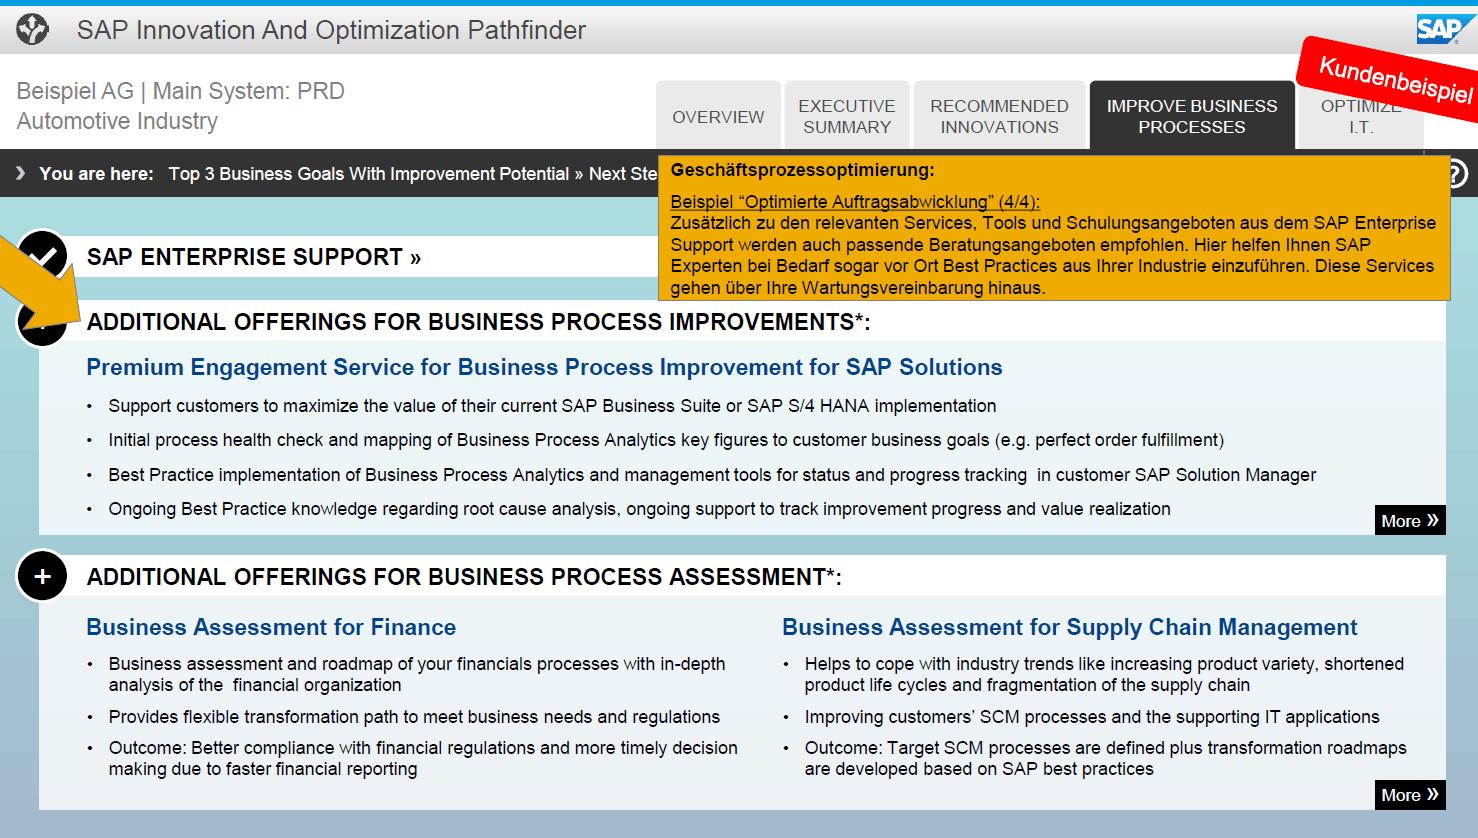 Blog_Screen_SAP Pathfinder_Optimierte Auftragsabwicklung 4